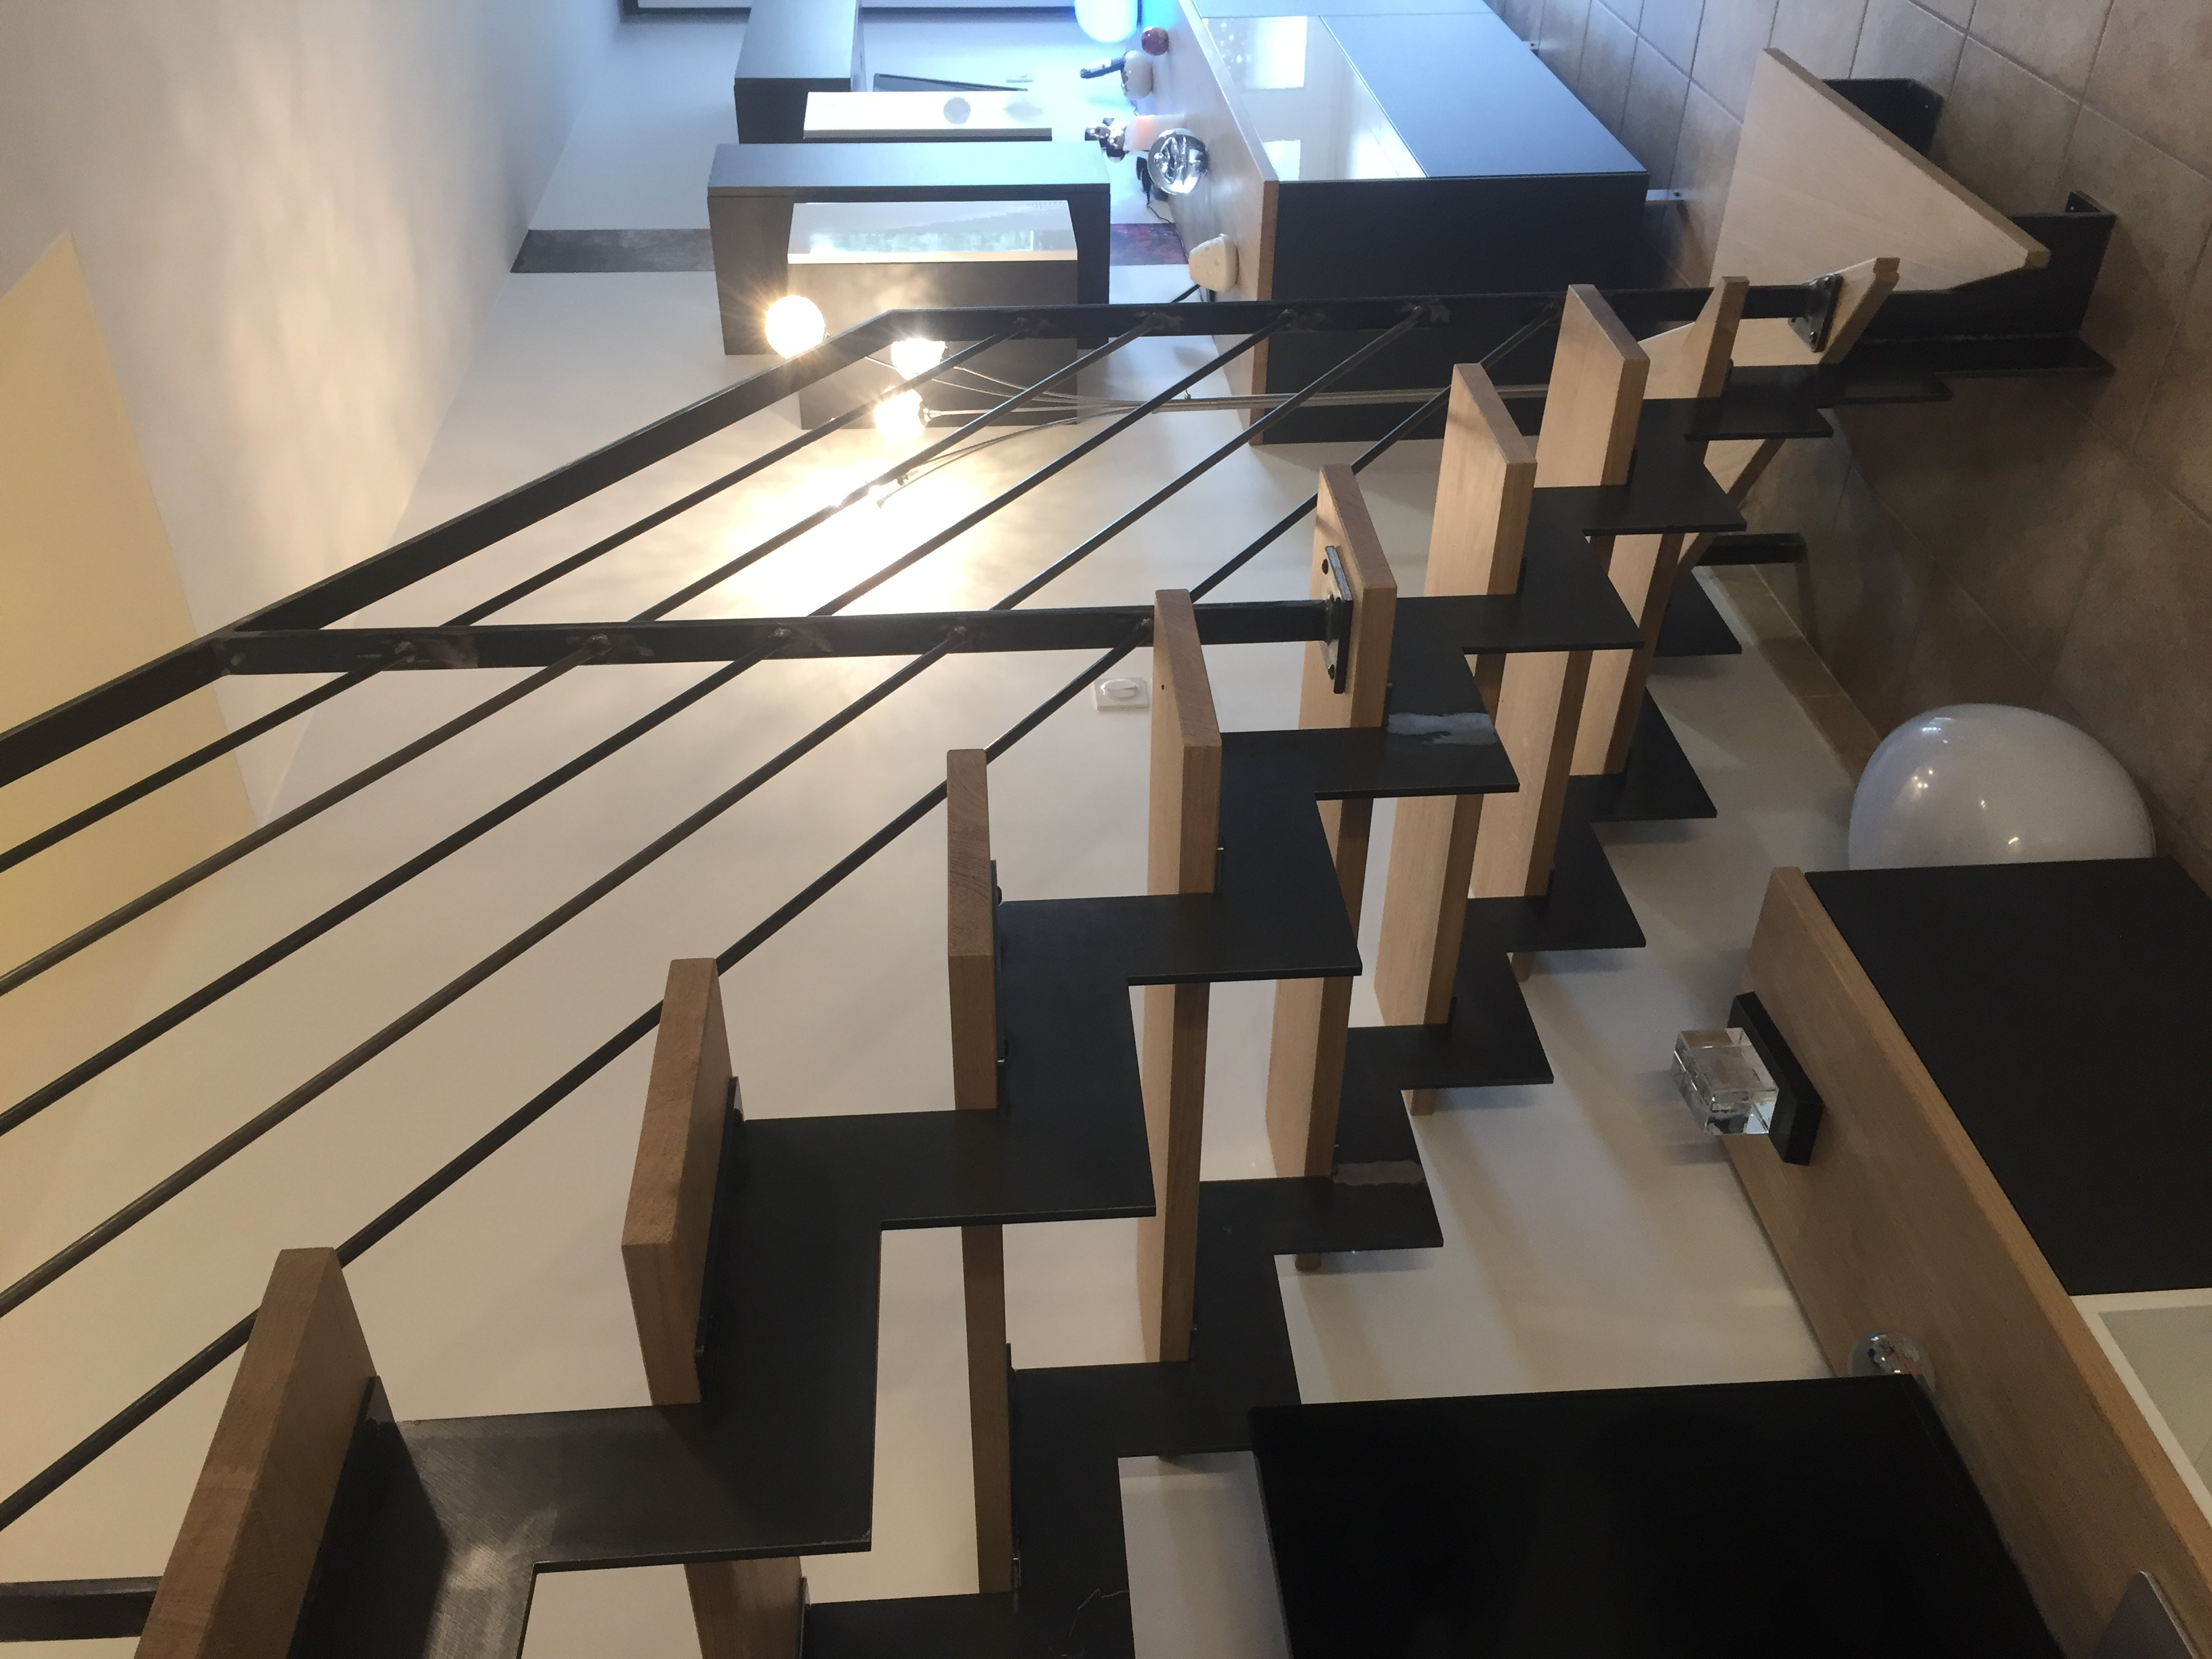 Escalier en acier brut et bois